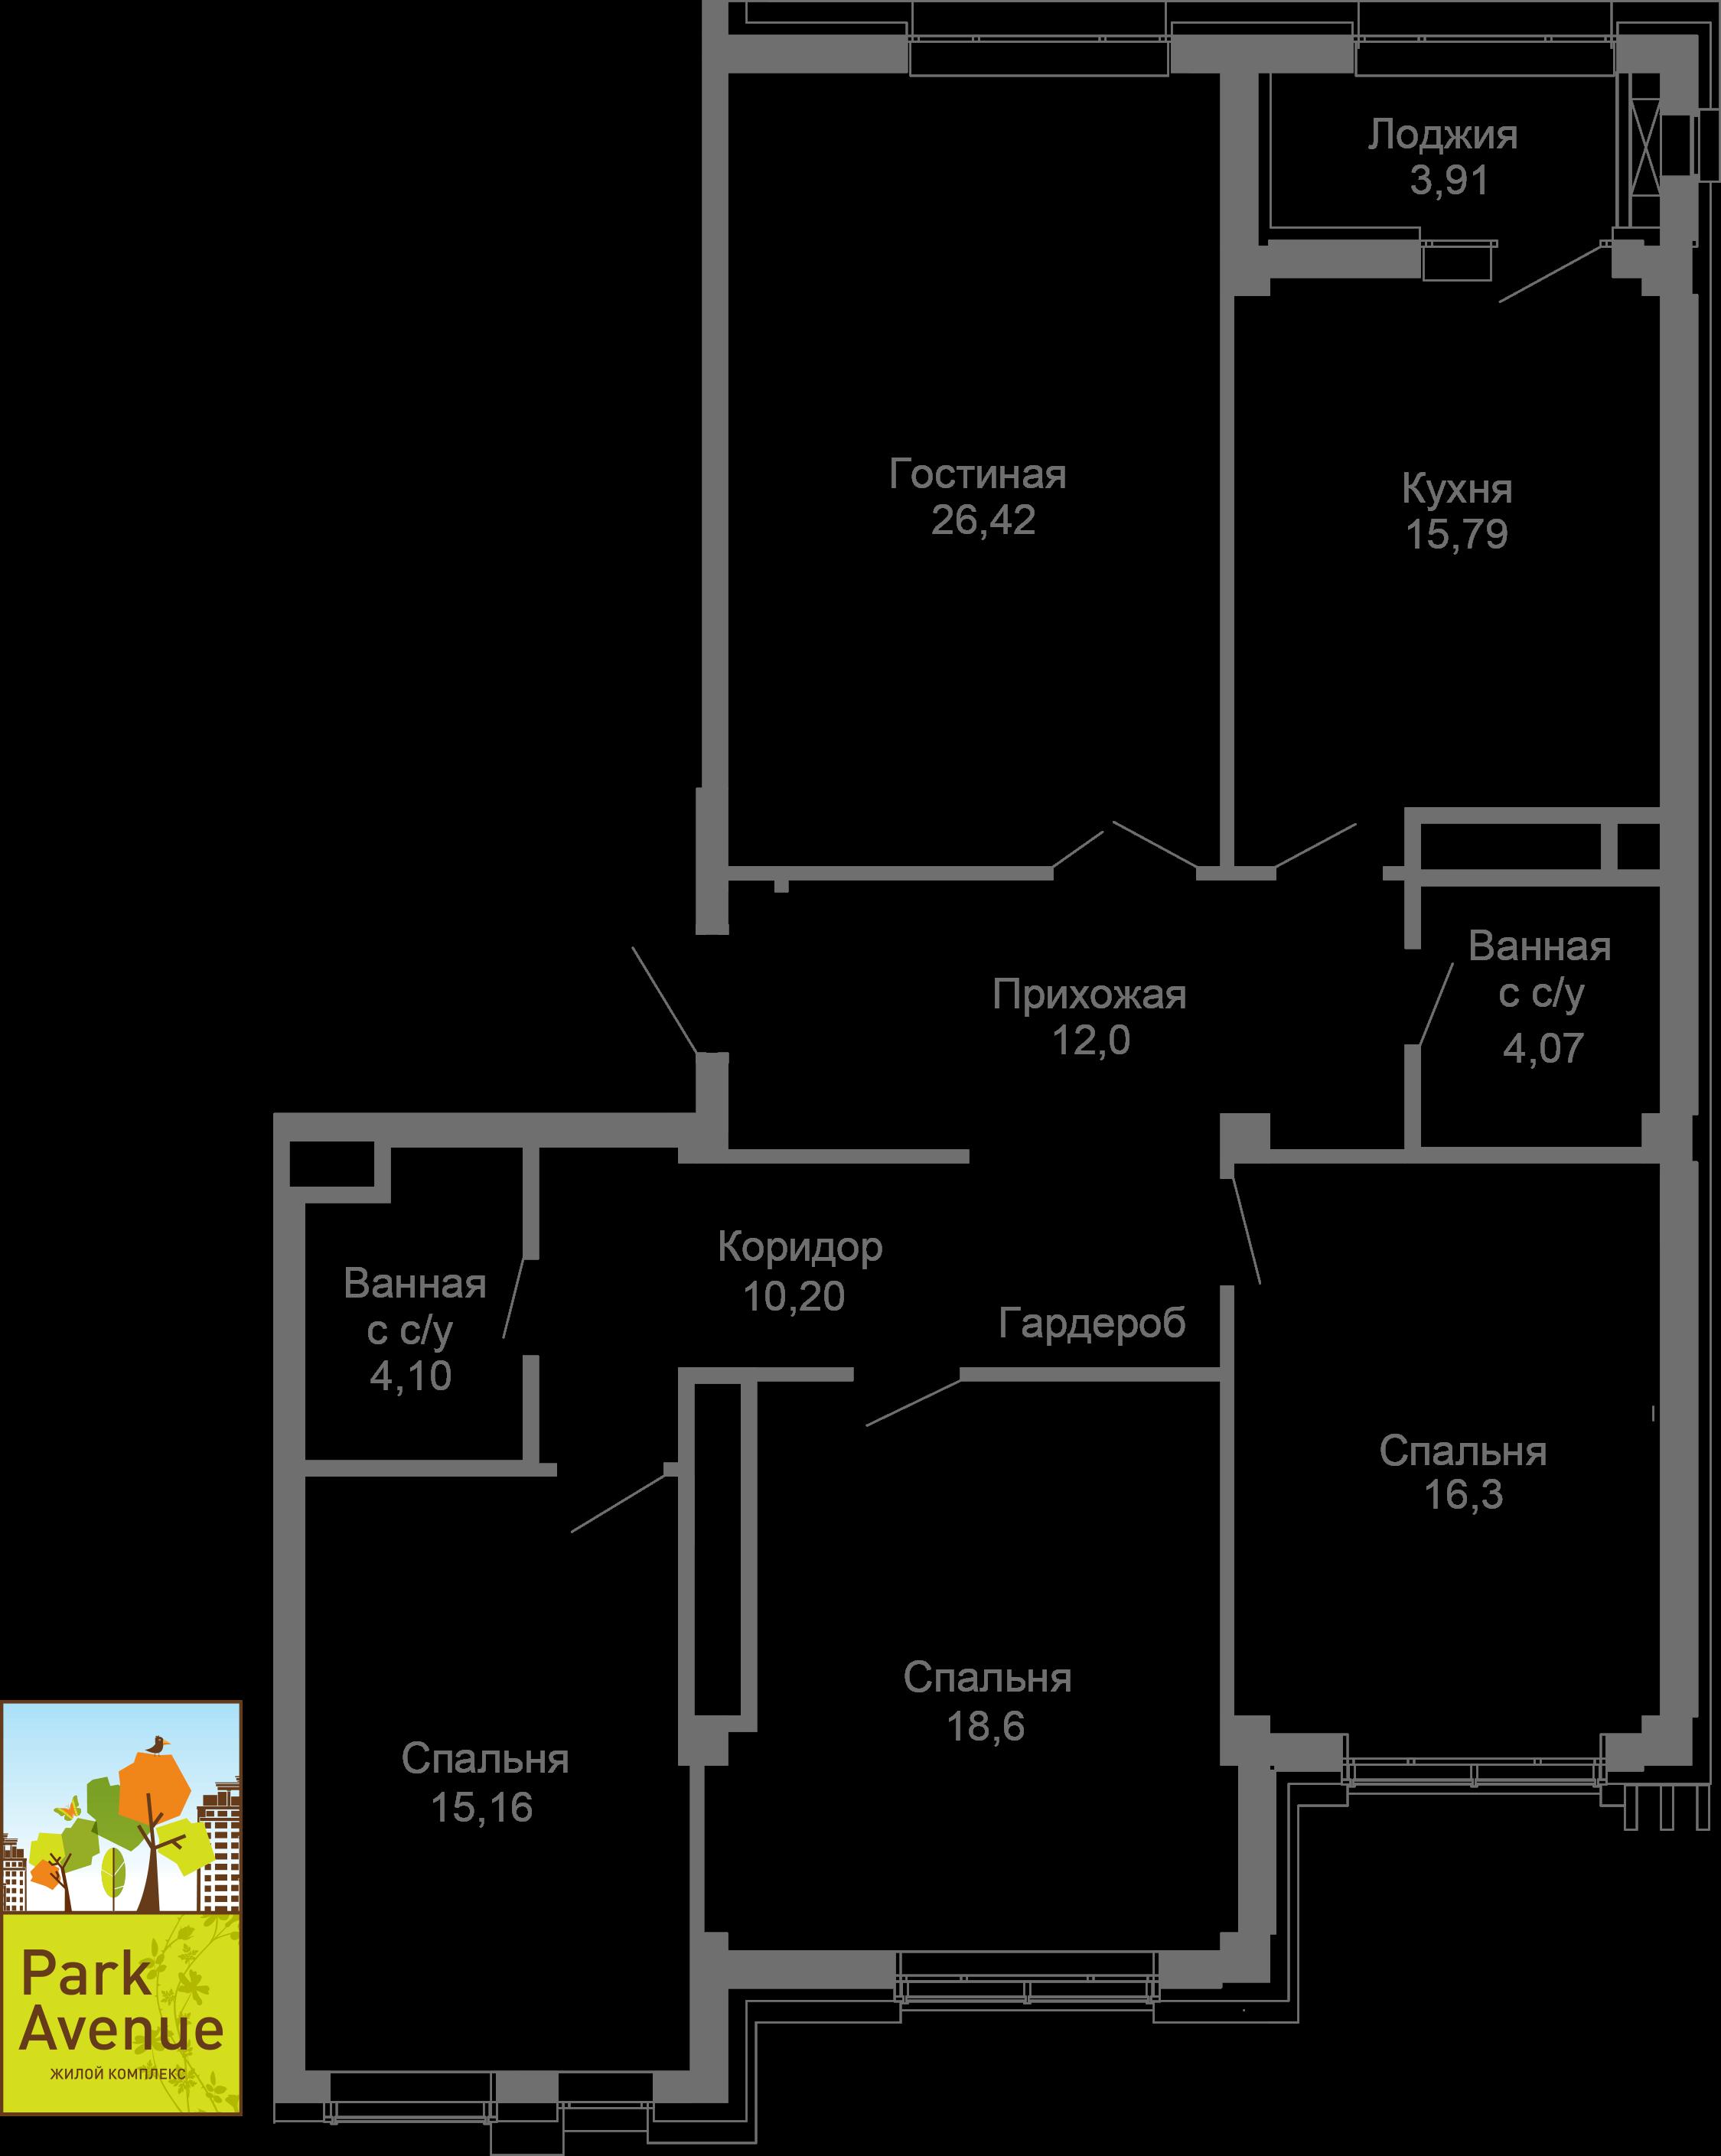 Квартира 32